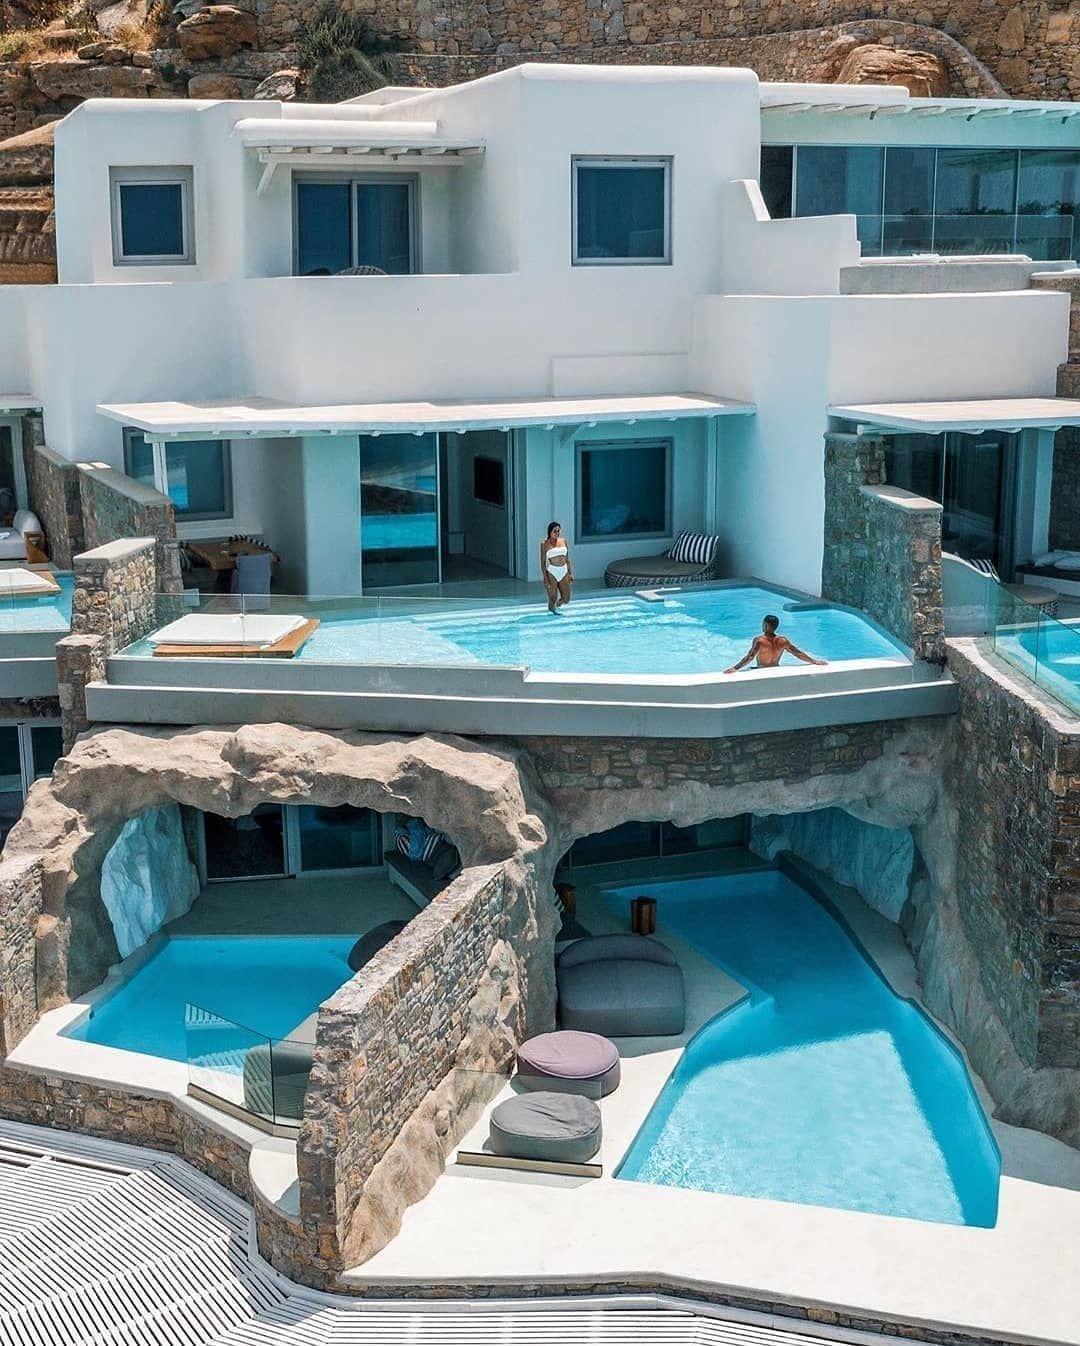 21 Luxus moderne häuser Ideen in 21   luxus moderne häuser ...